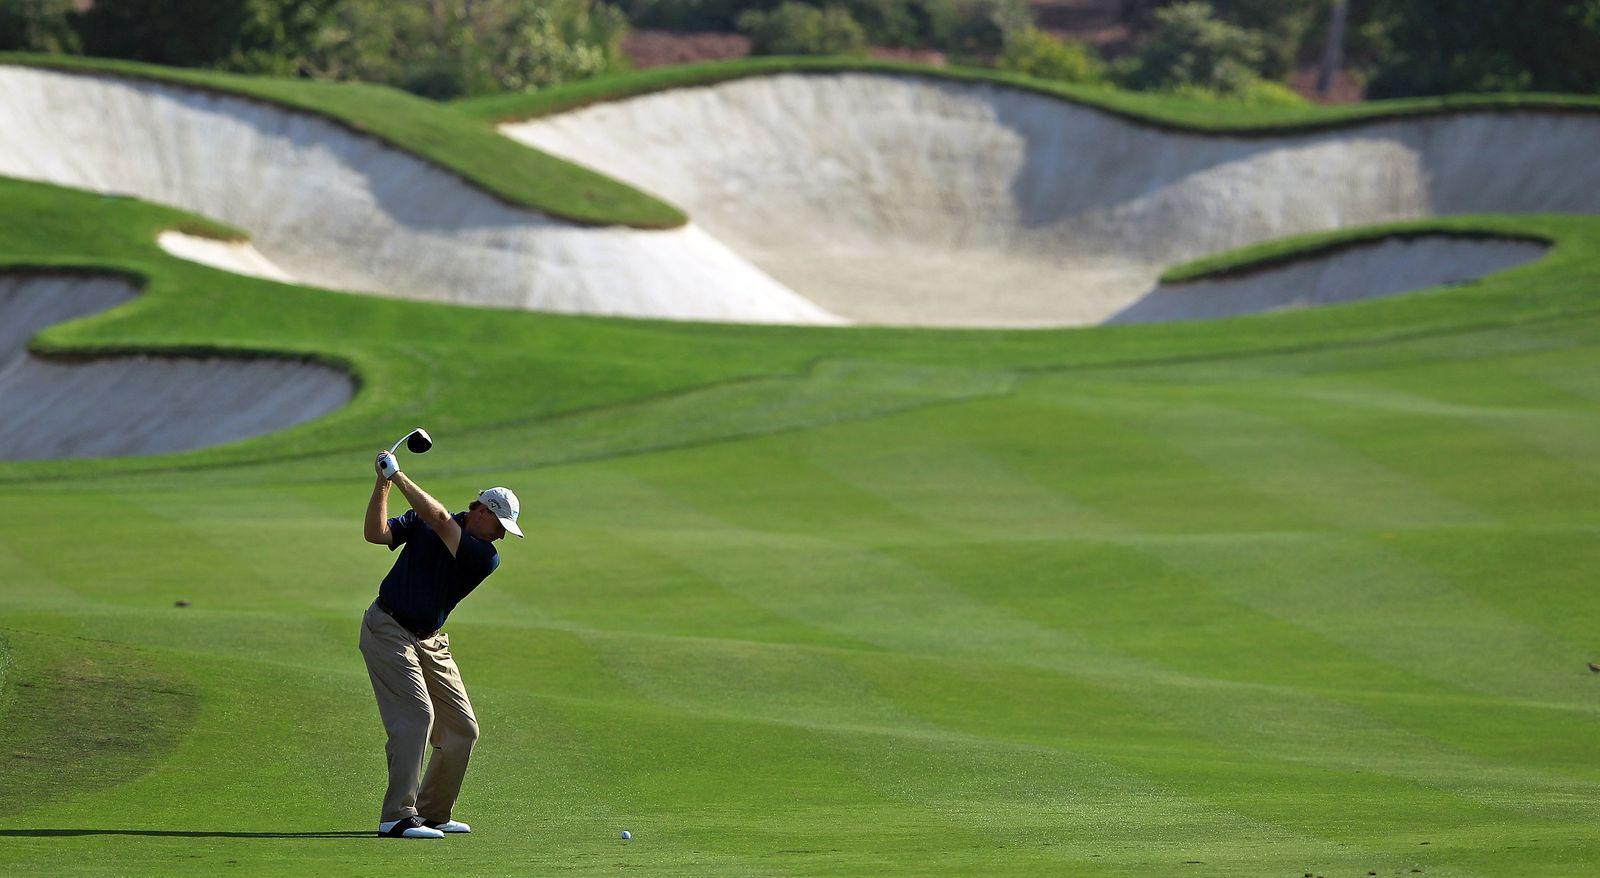 Golf spielen / Golfen / Golfplatz / Ernie Els